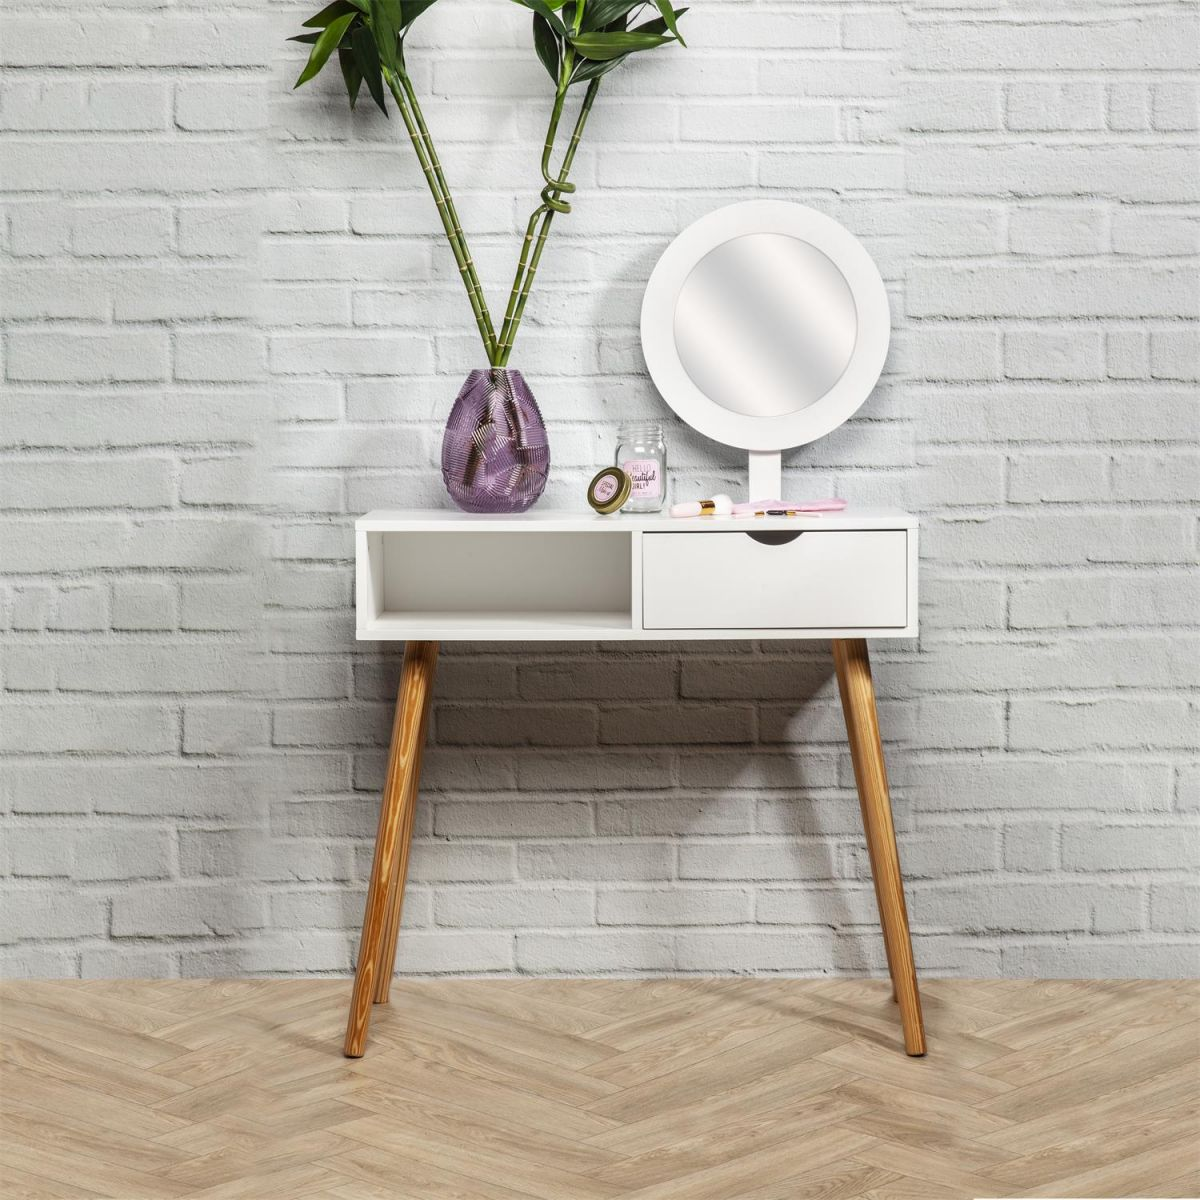 Coiffeuse Blanche avec Miroir Intégré